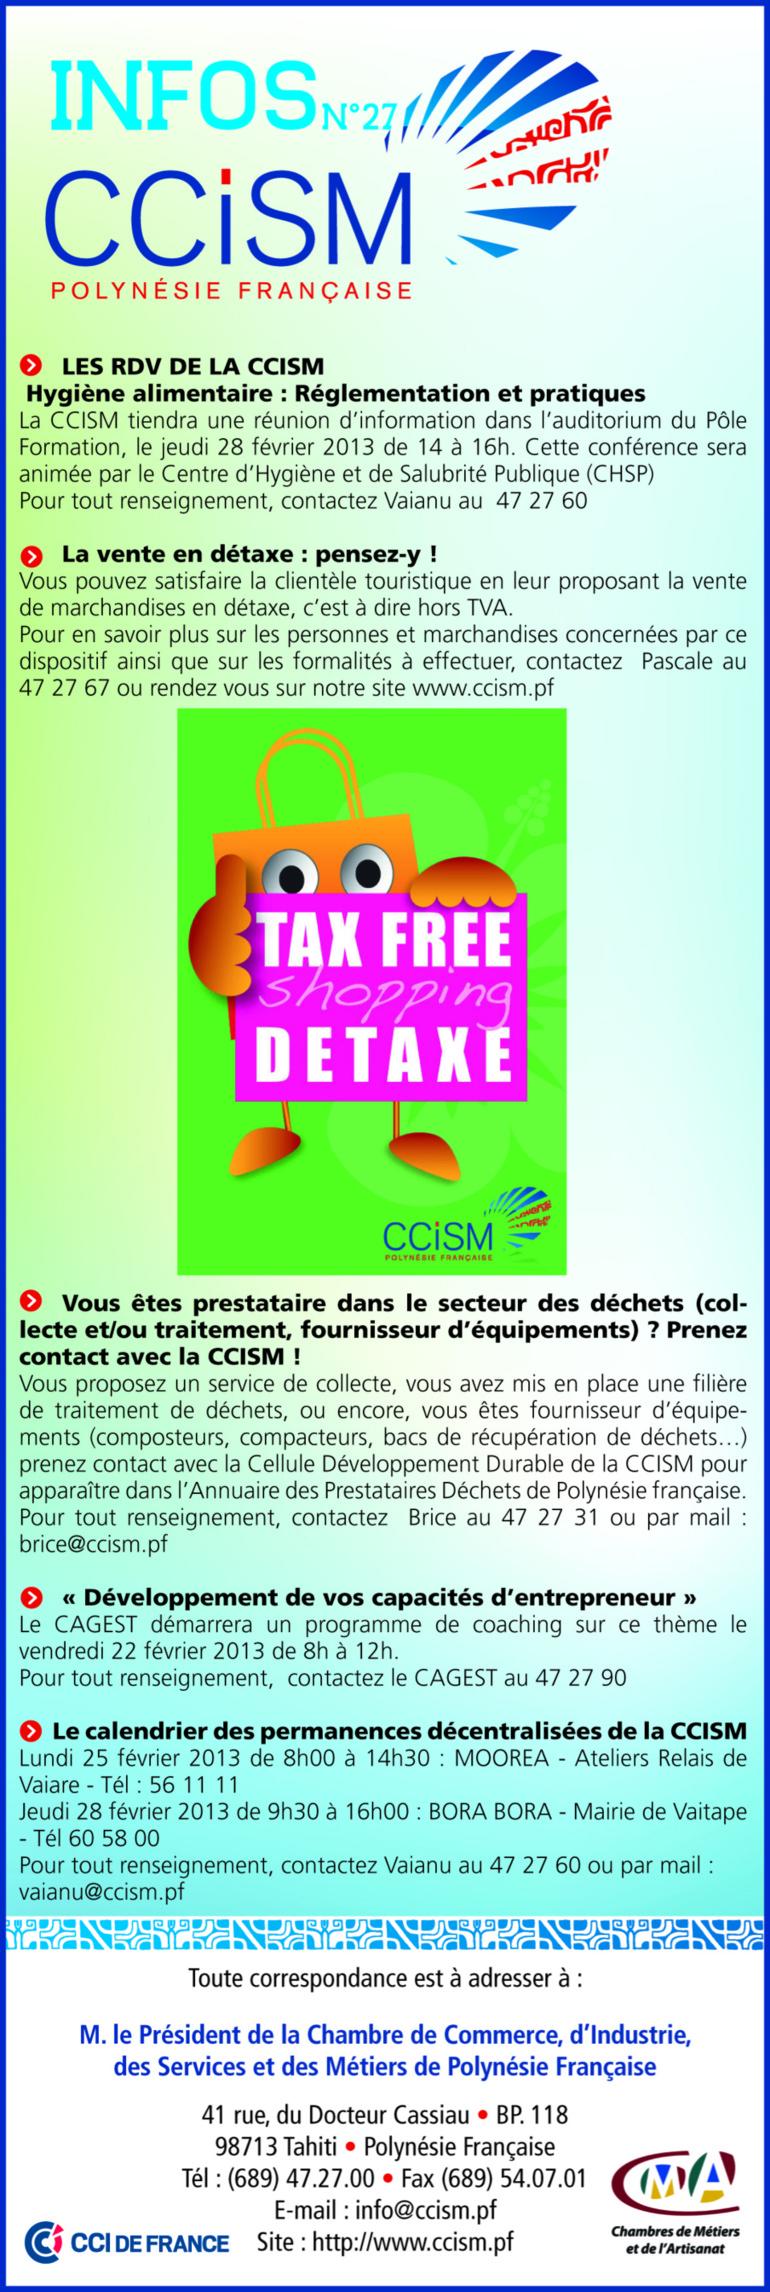 Infos CCISM N°27